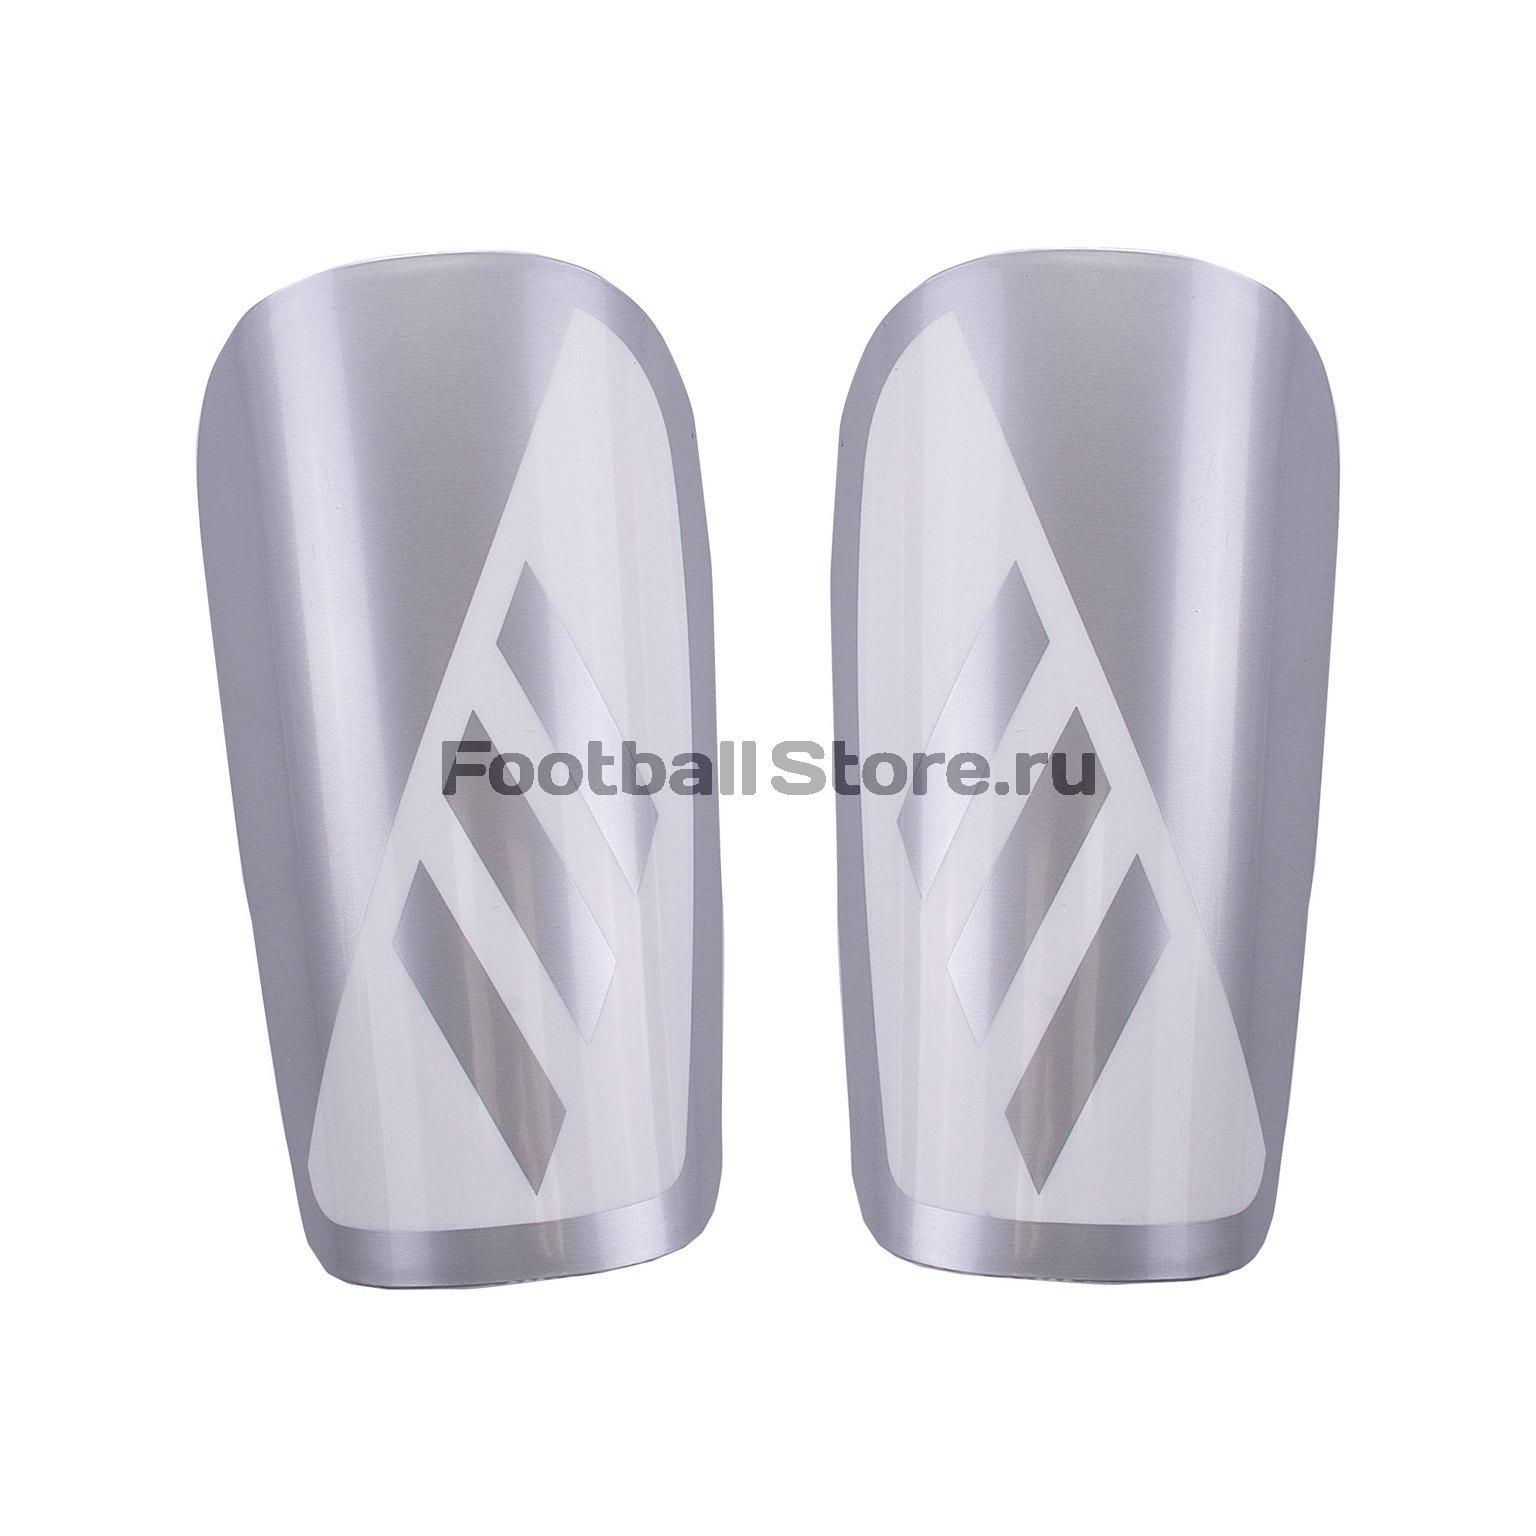 Щитки Adidas X Lesto DY2578